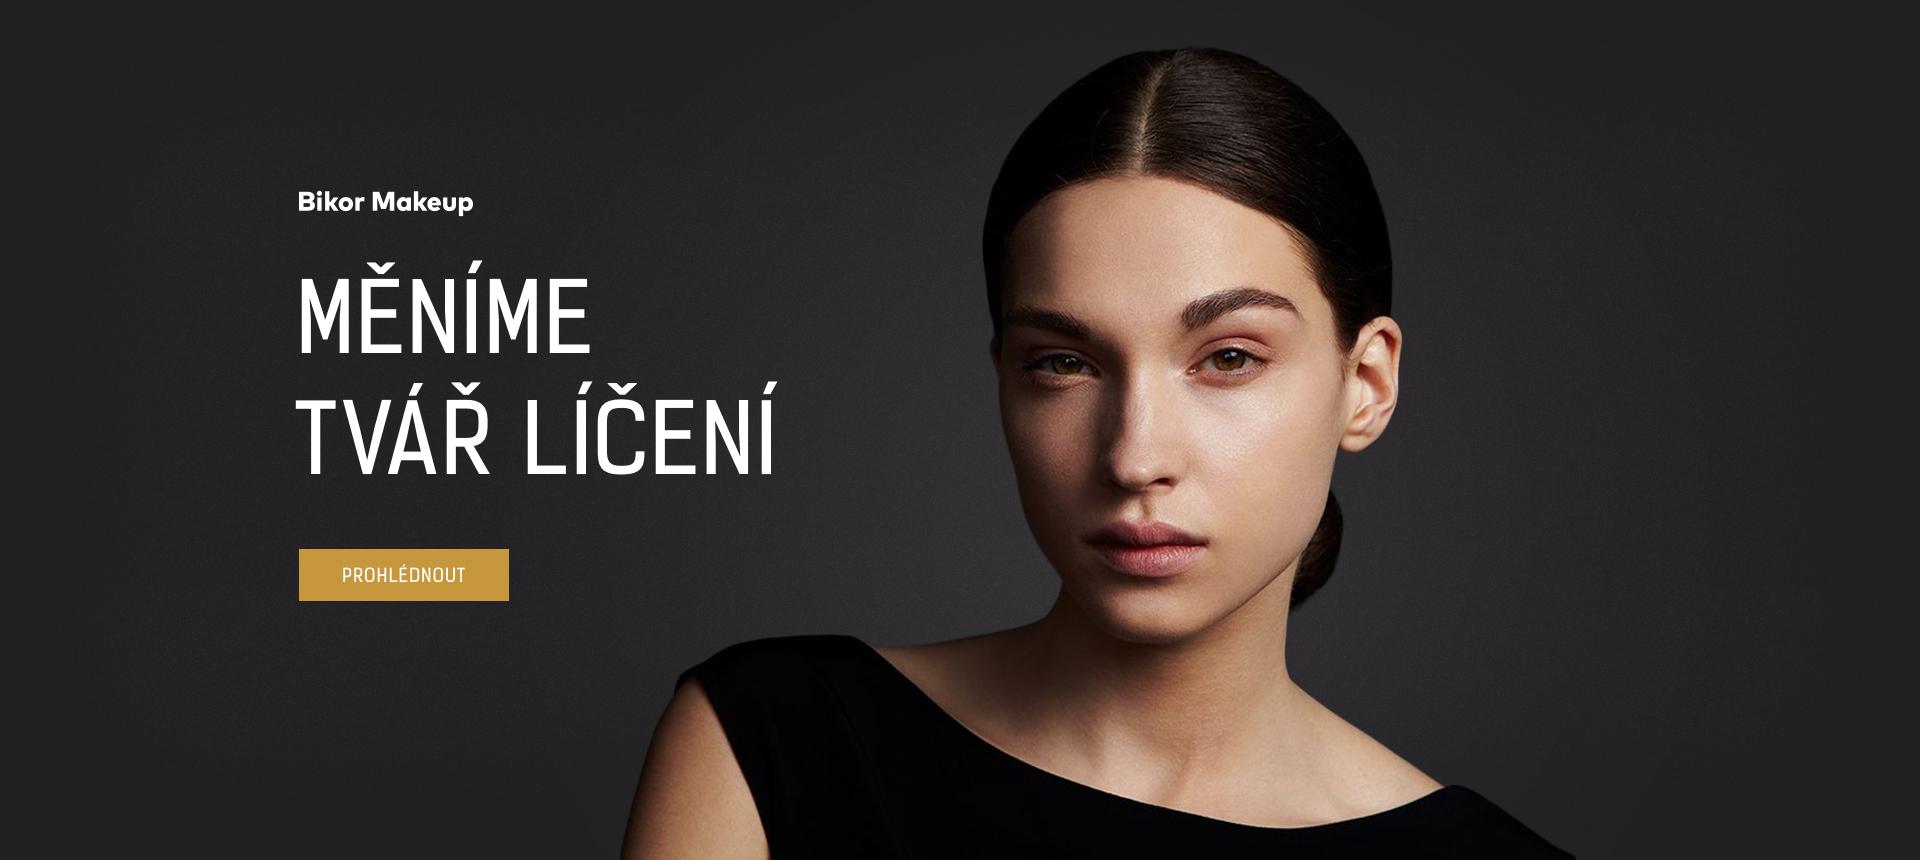 Bikor Makeup – Měníme tvář líčení